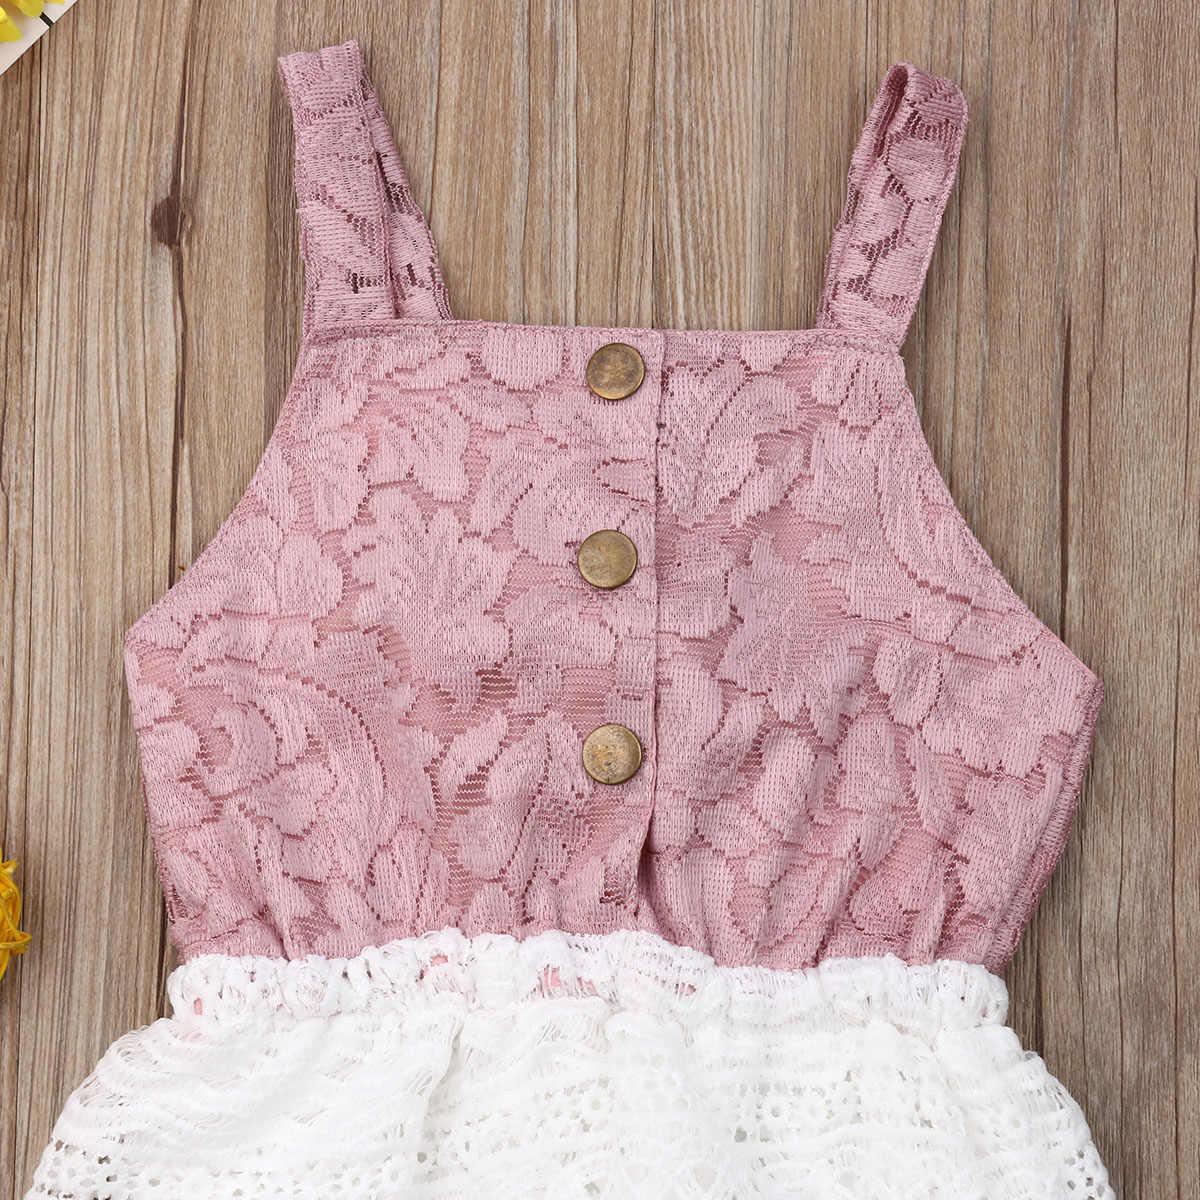 Летняя одежда принцессы для новорожденных девочек; боди с милыми кружевными кисточками и бантом; Открытая спина; Одежда для маленьких детей; Экипировка Одежда комбинезон